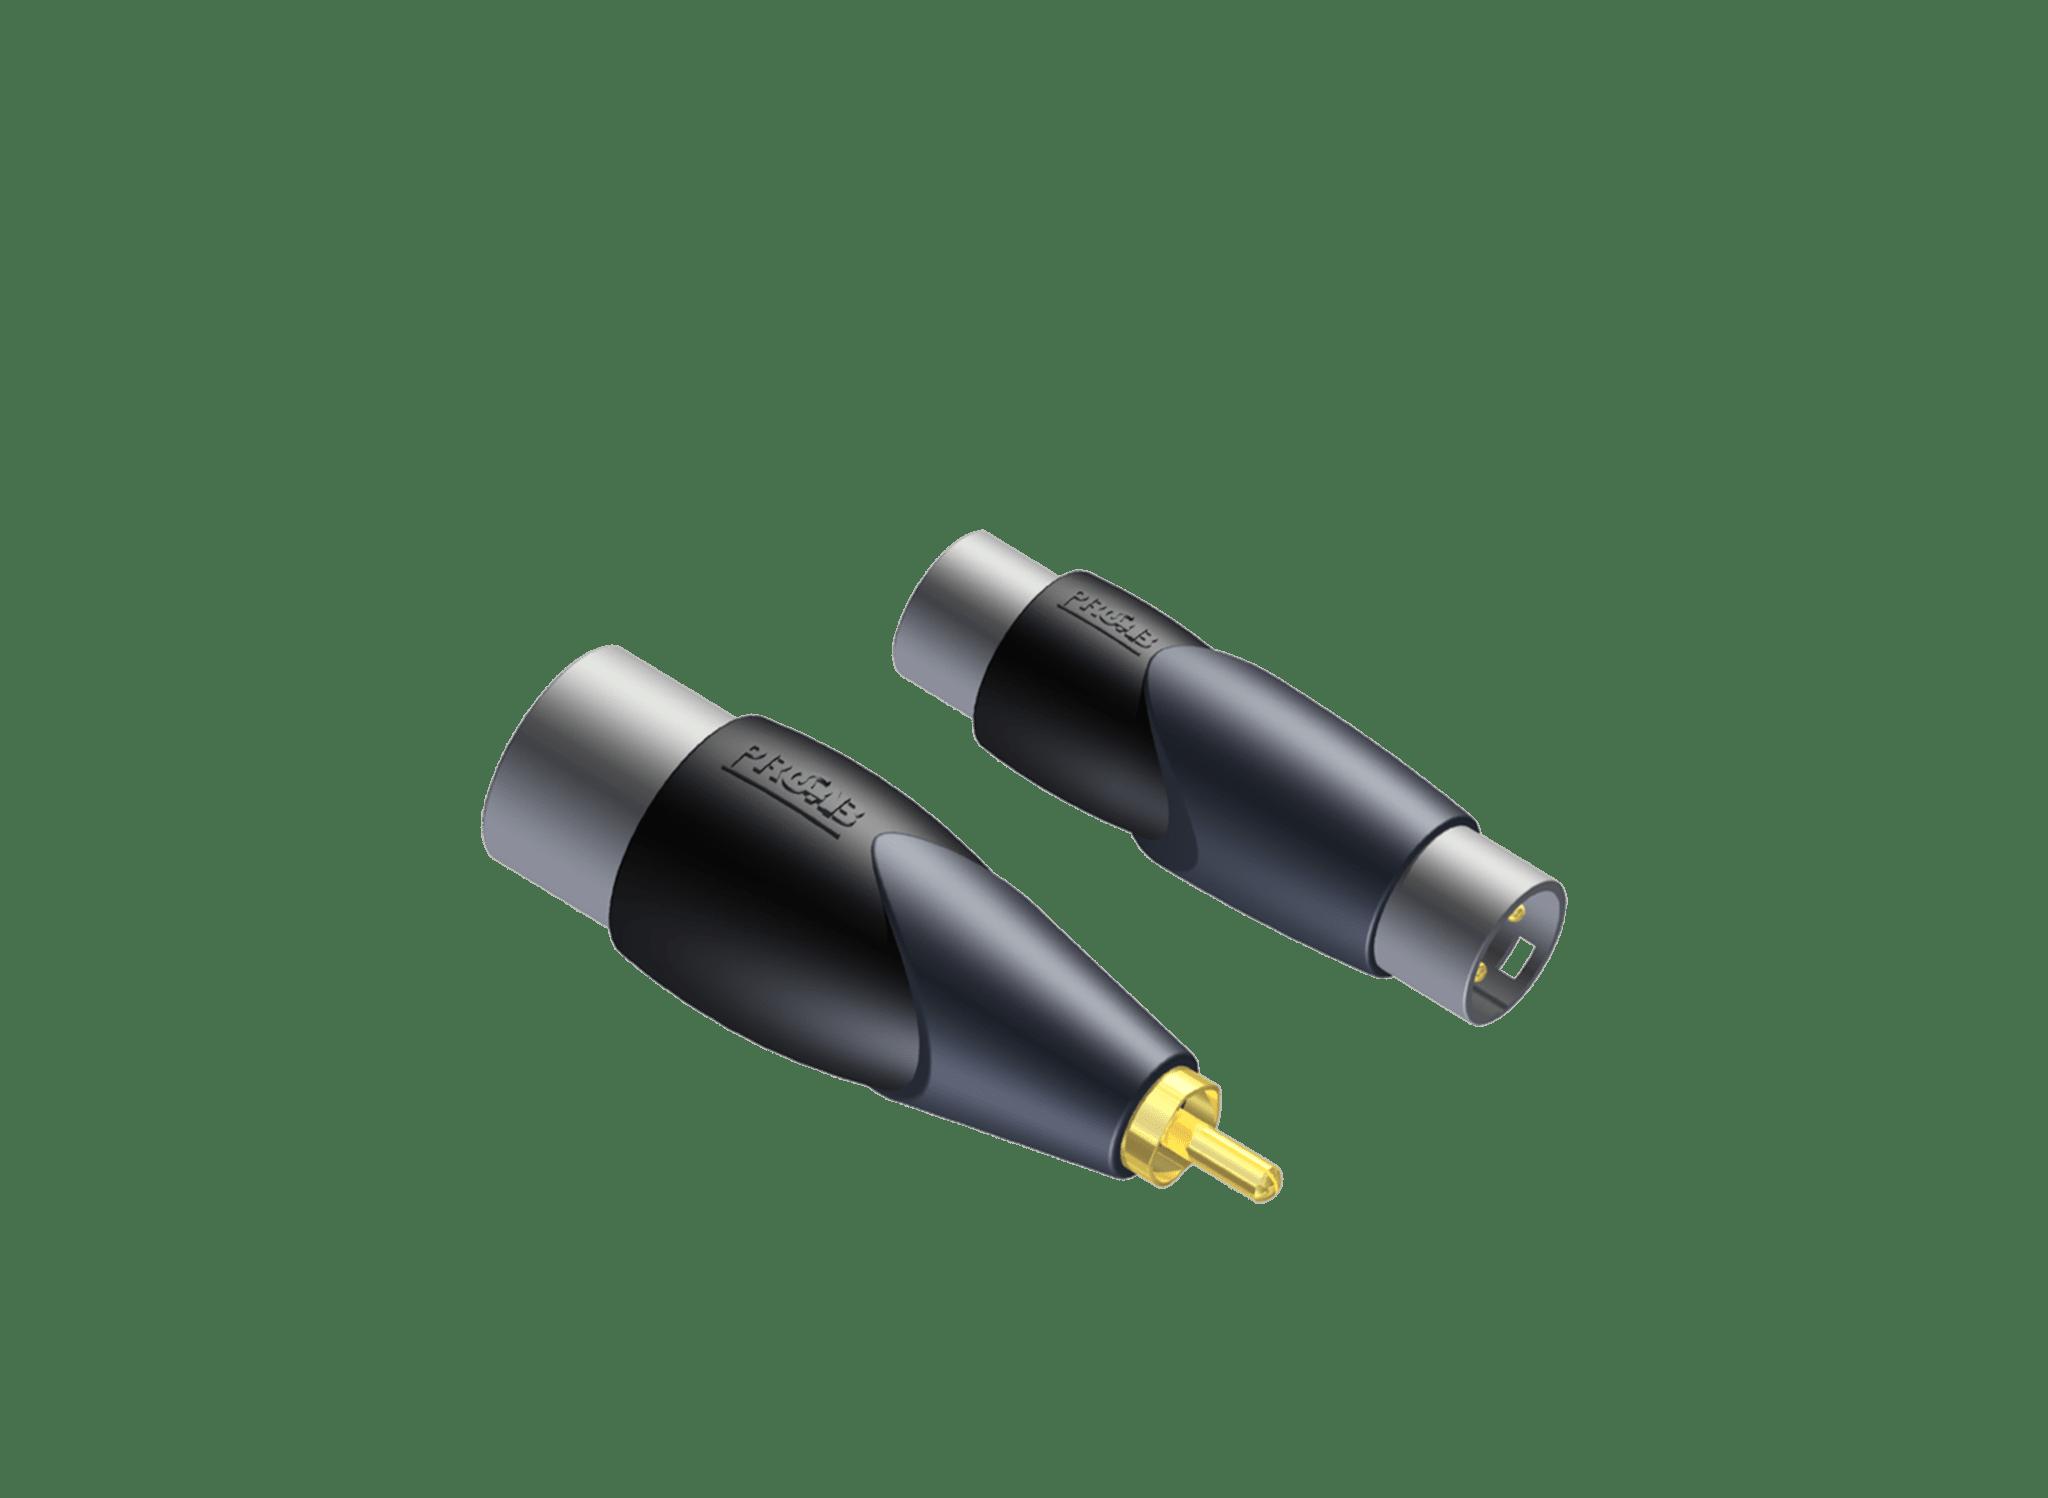 XLR adapters -